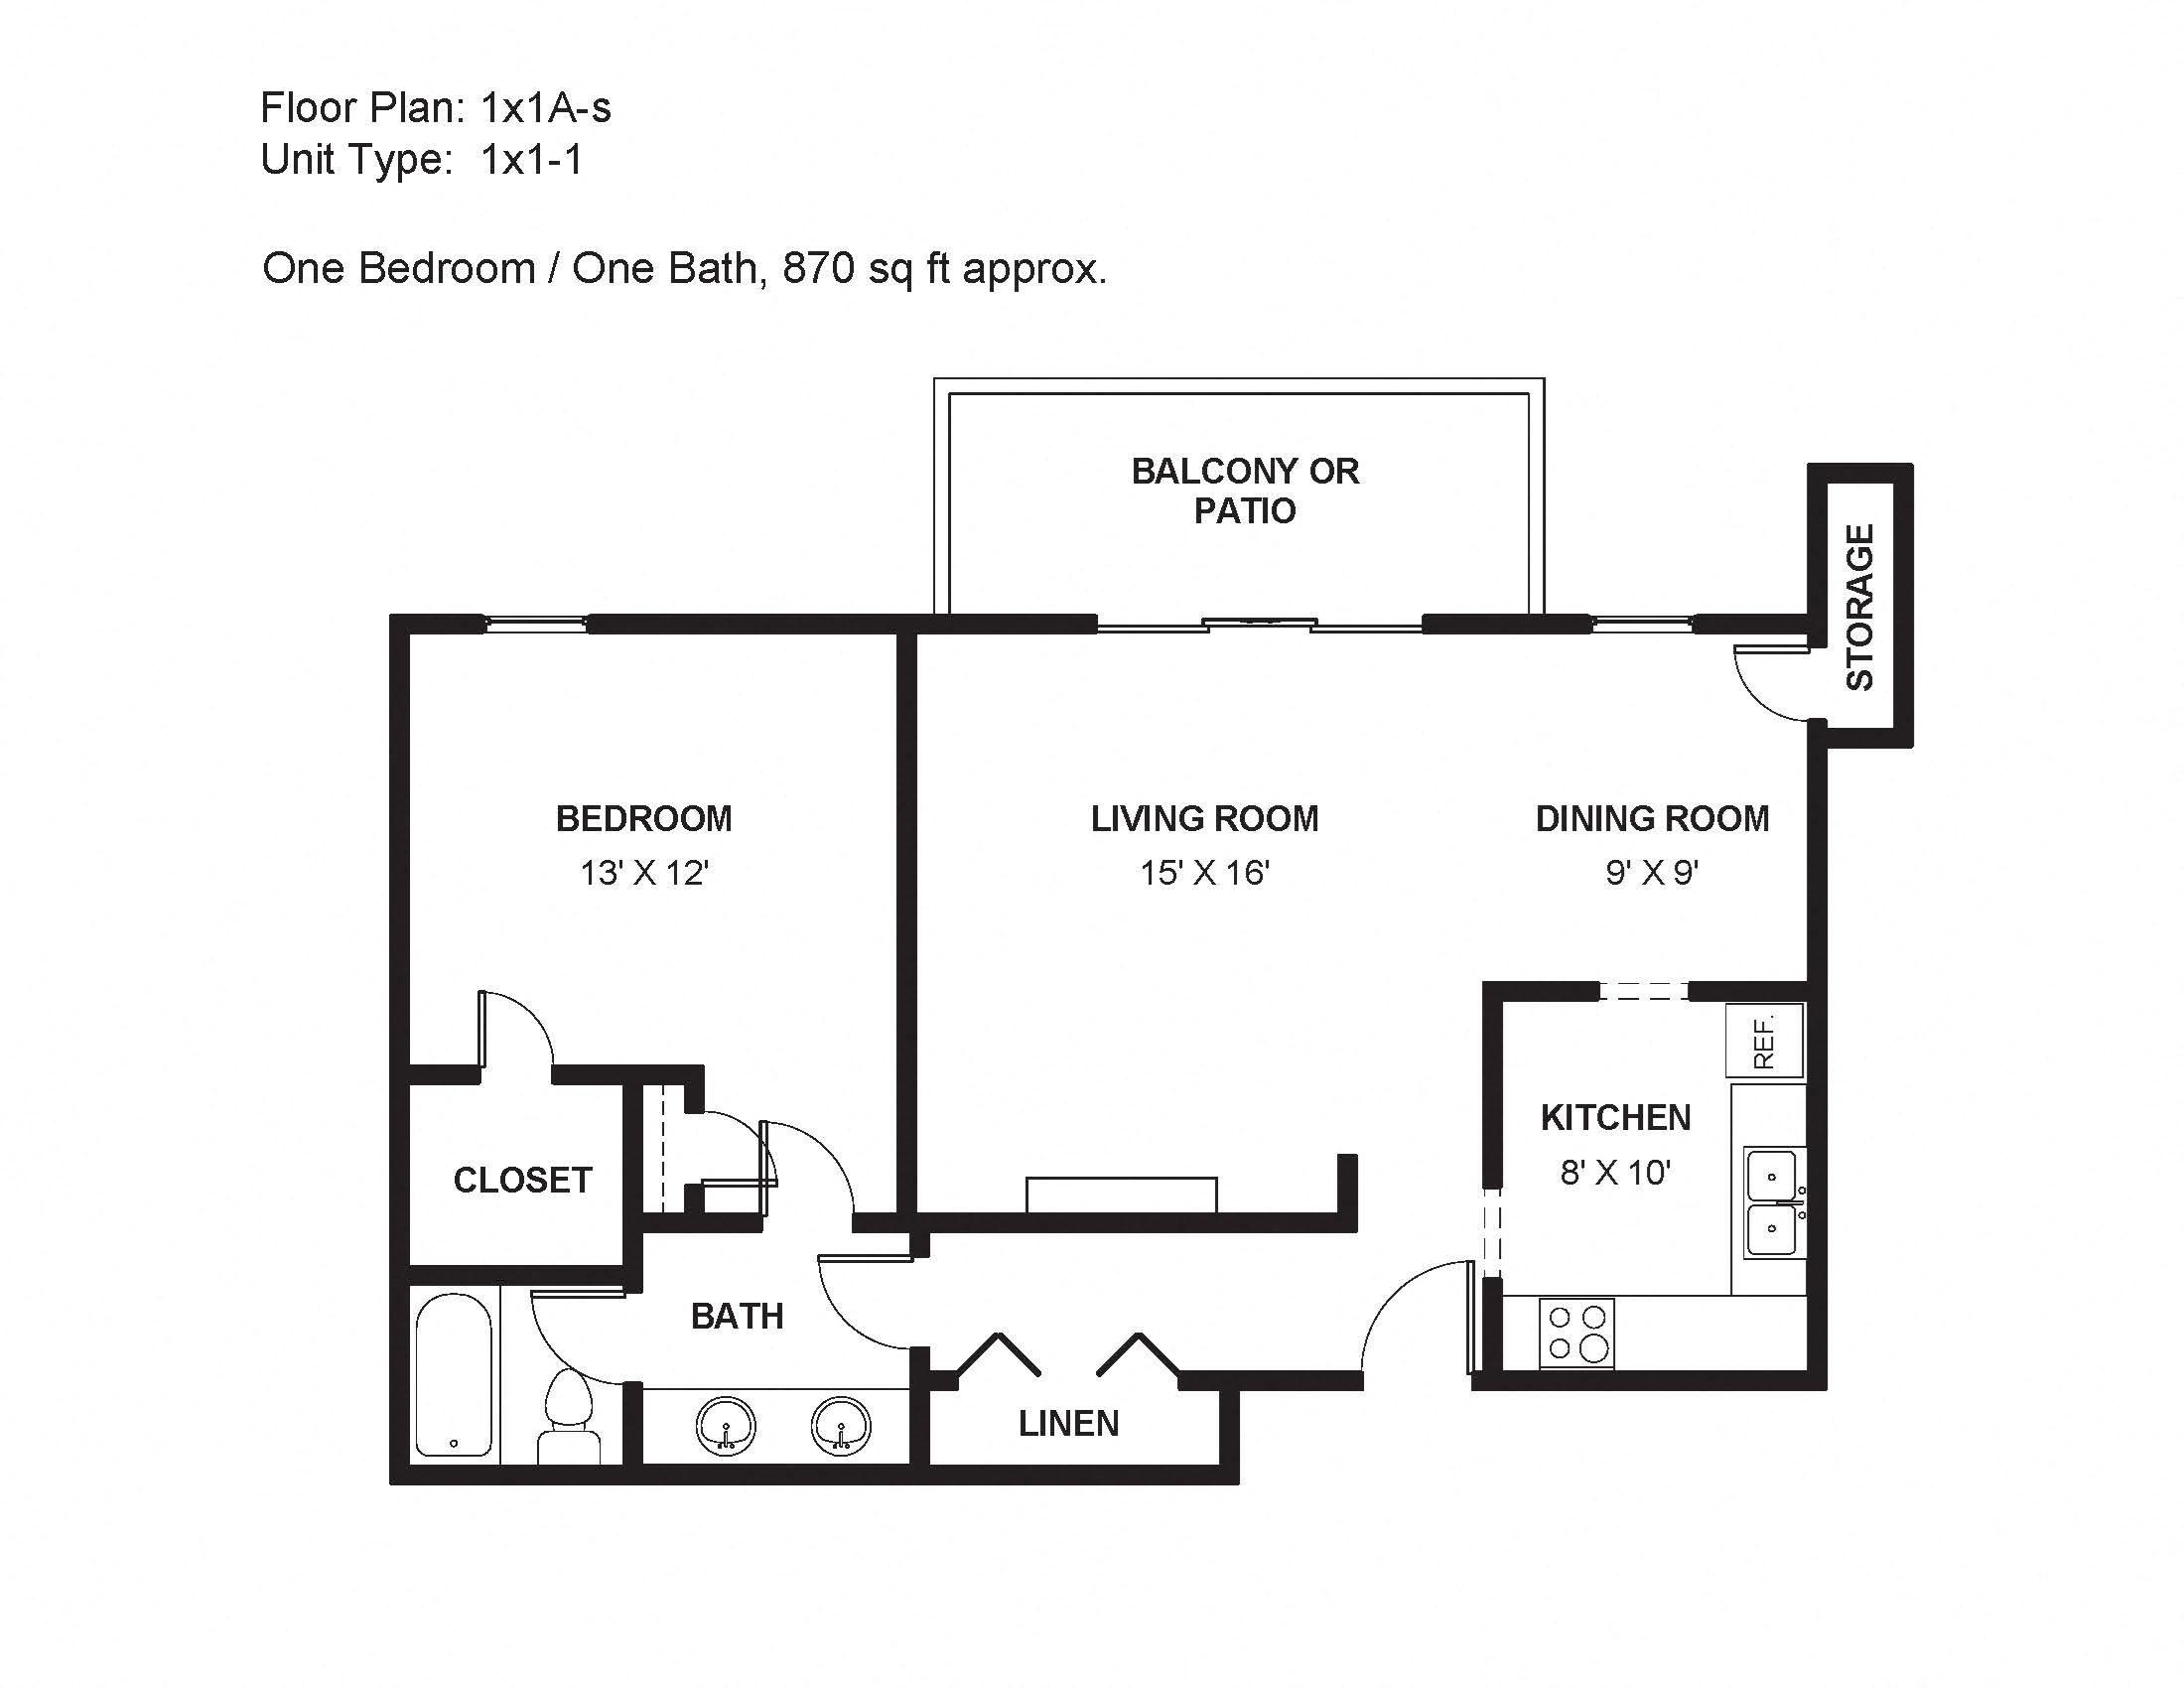 1x1A-s Floor Plan 2